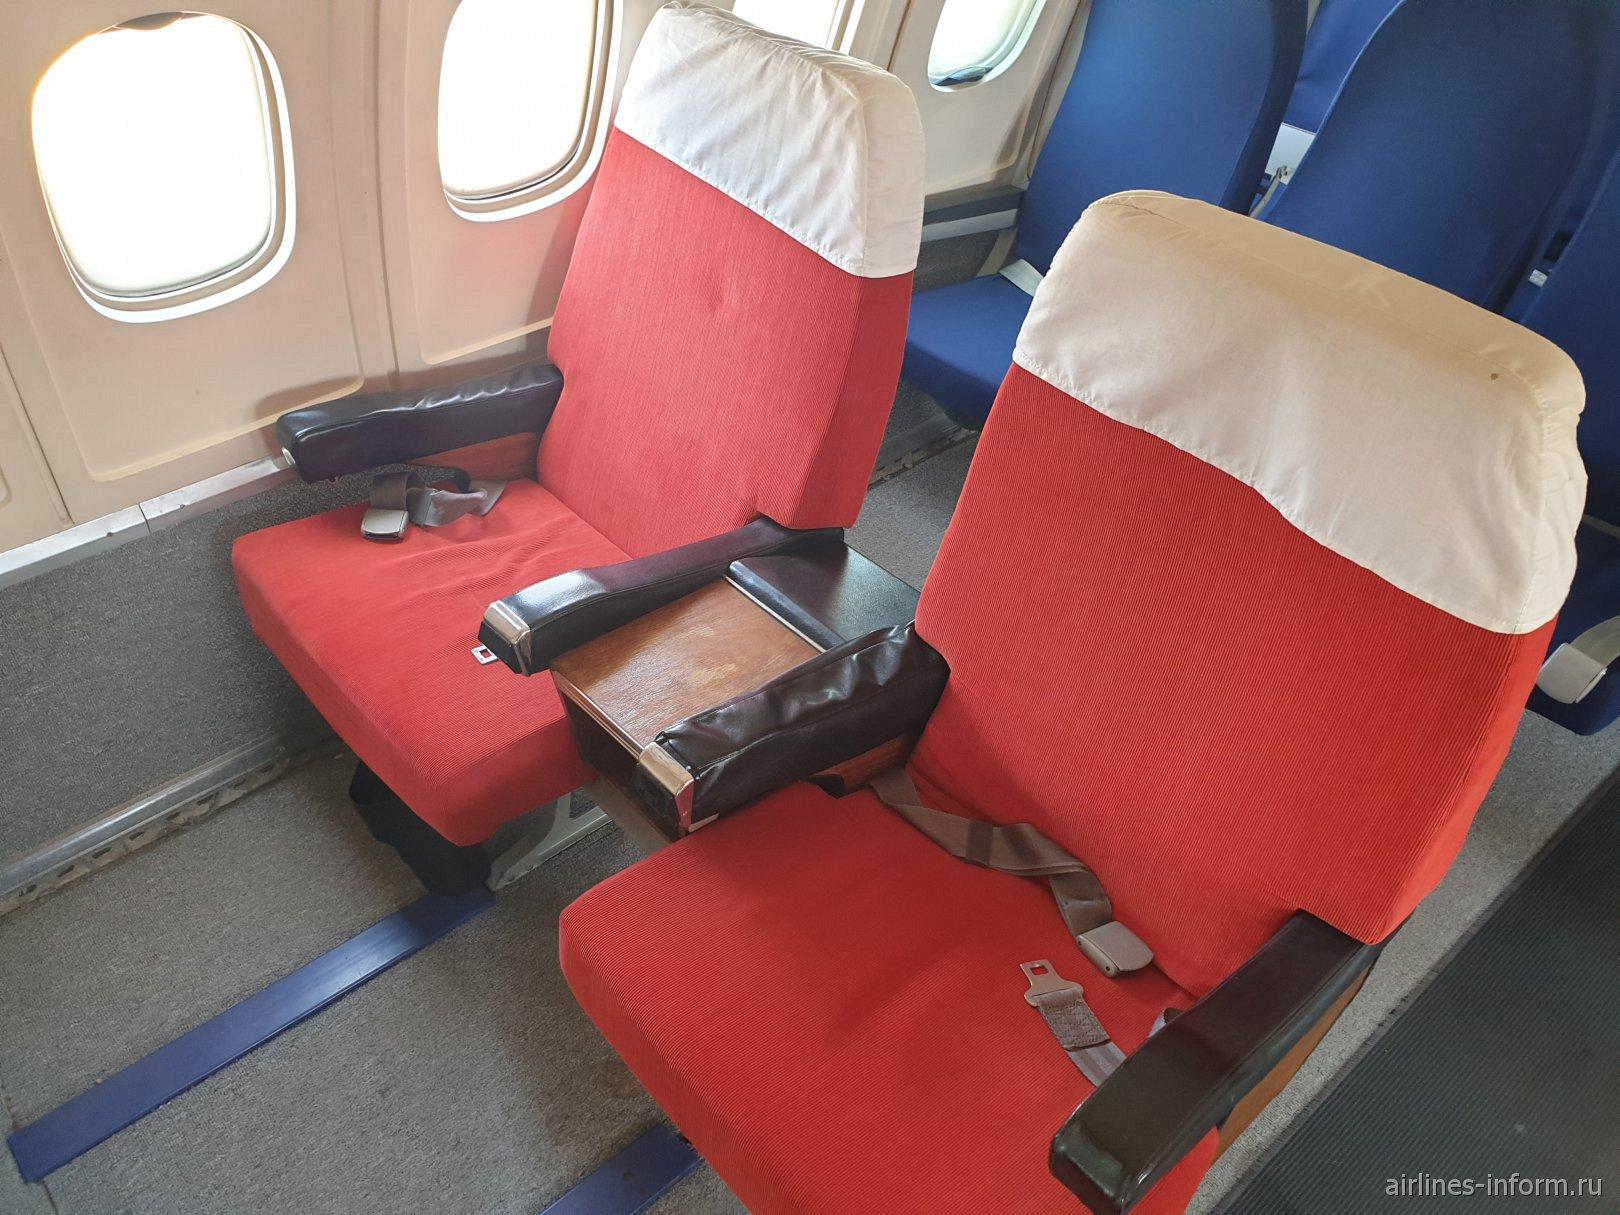 Кресла бизнес-класса в самолете Ту-154Б-2 авиакомпании Malev